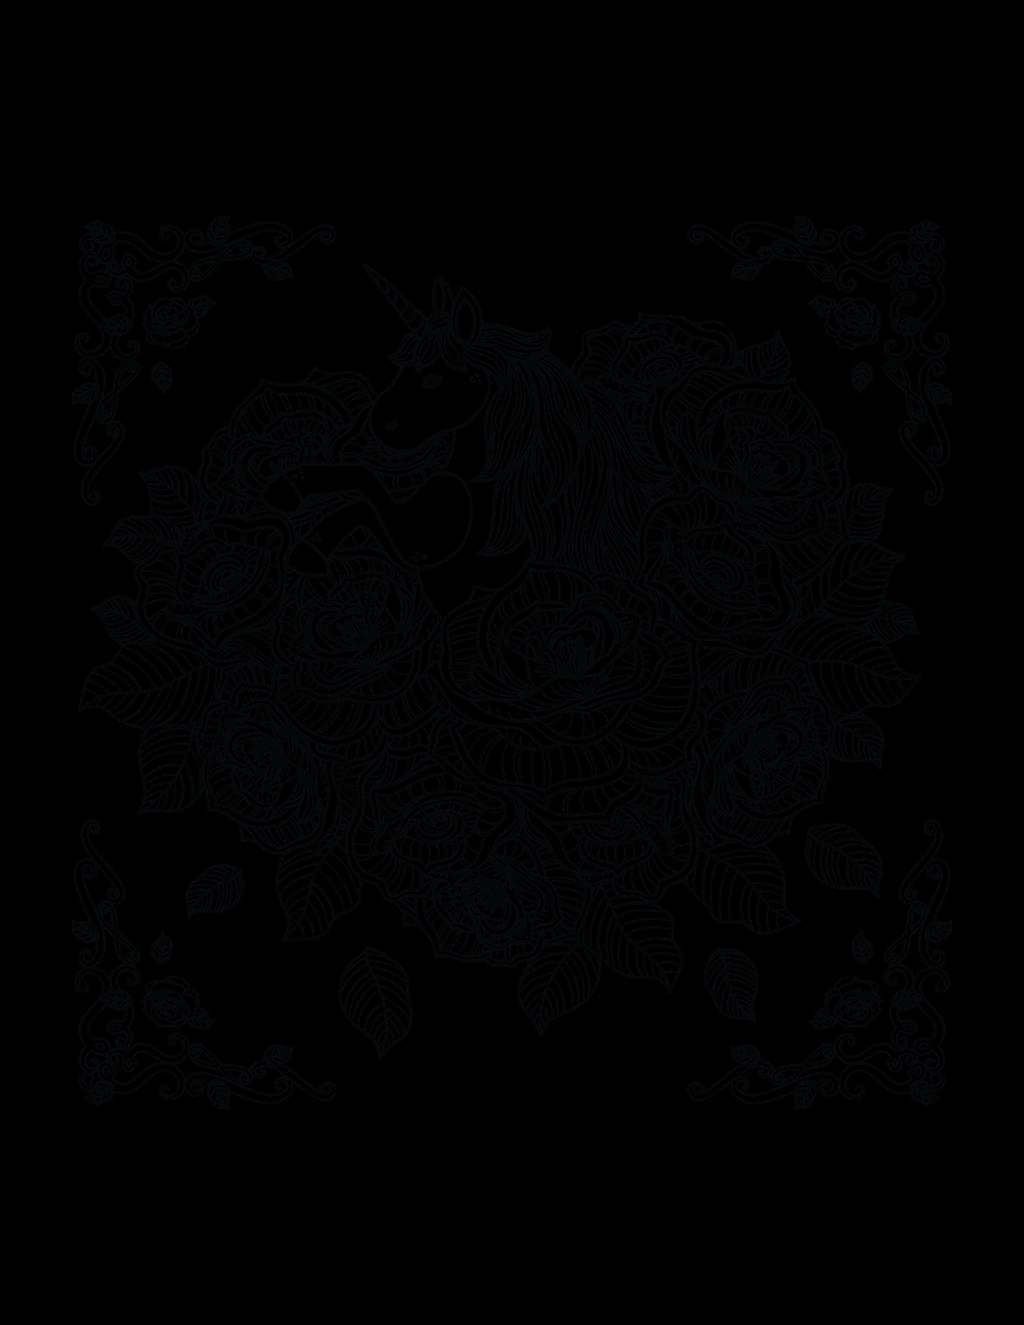 unicorn-kleurplaat-moeilijk-06